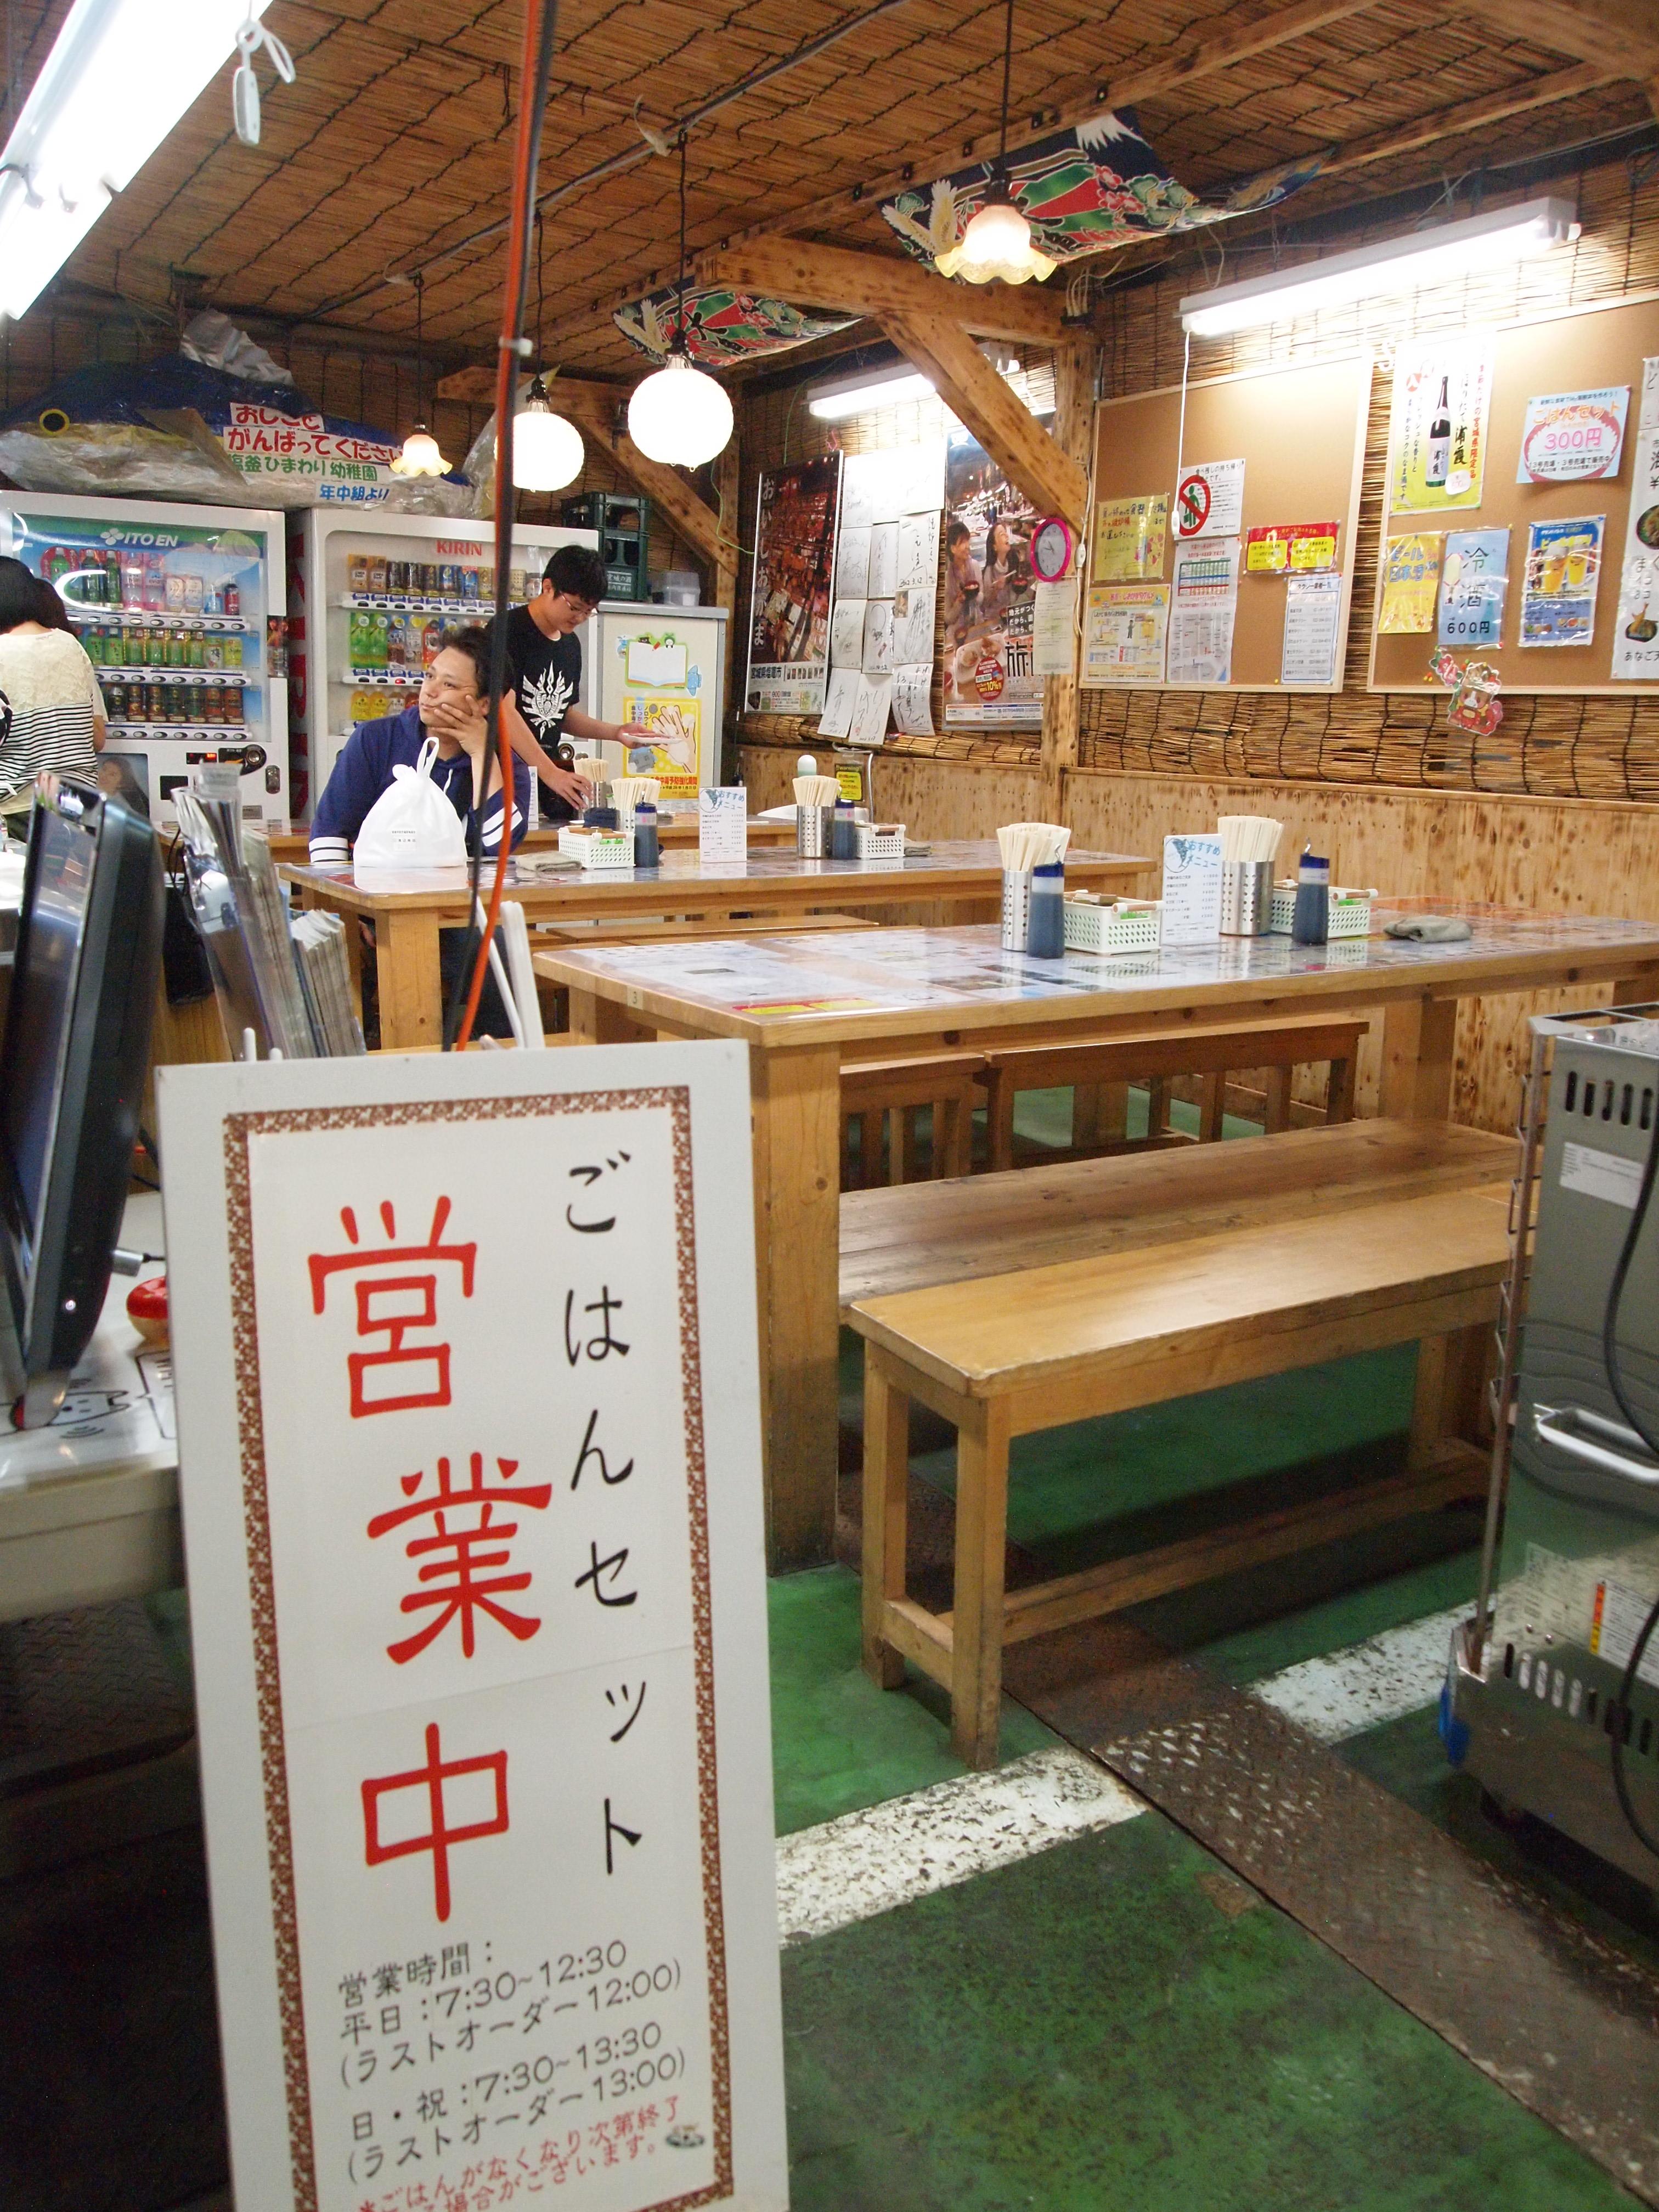 在现场以批发价选择自己喜欢的海产后,就可以带来这里做成自己喜爱的海鲜井吃。